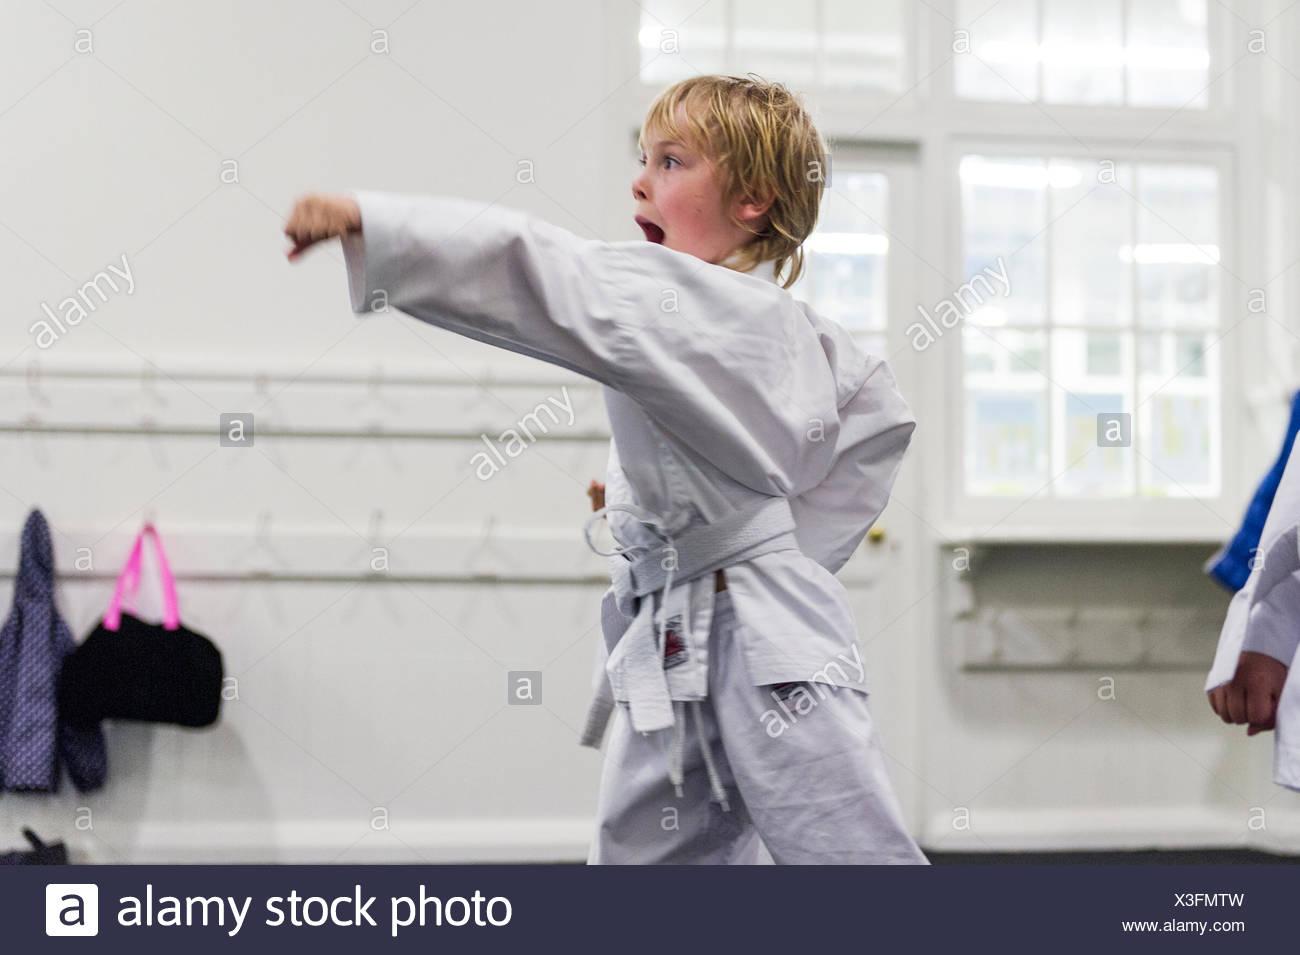 Karate Stock Photos & Karate Stock Images - Alamy